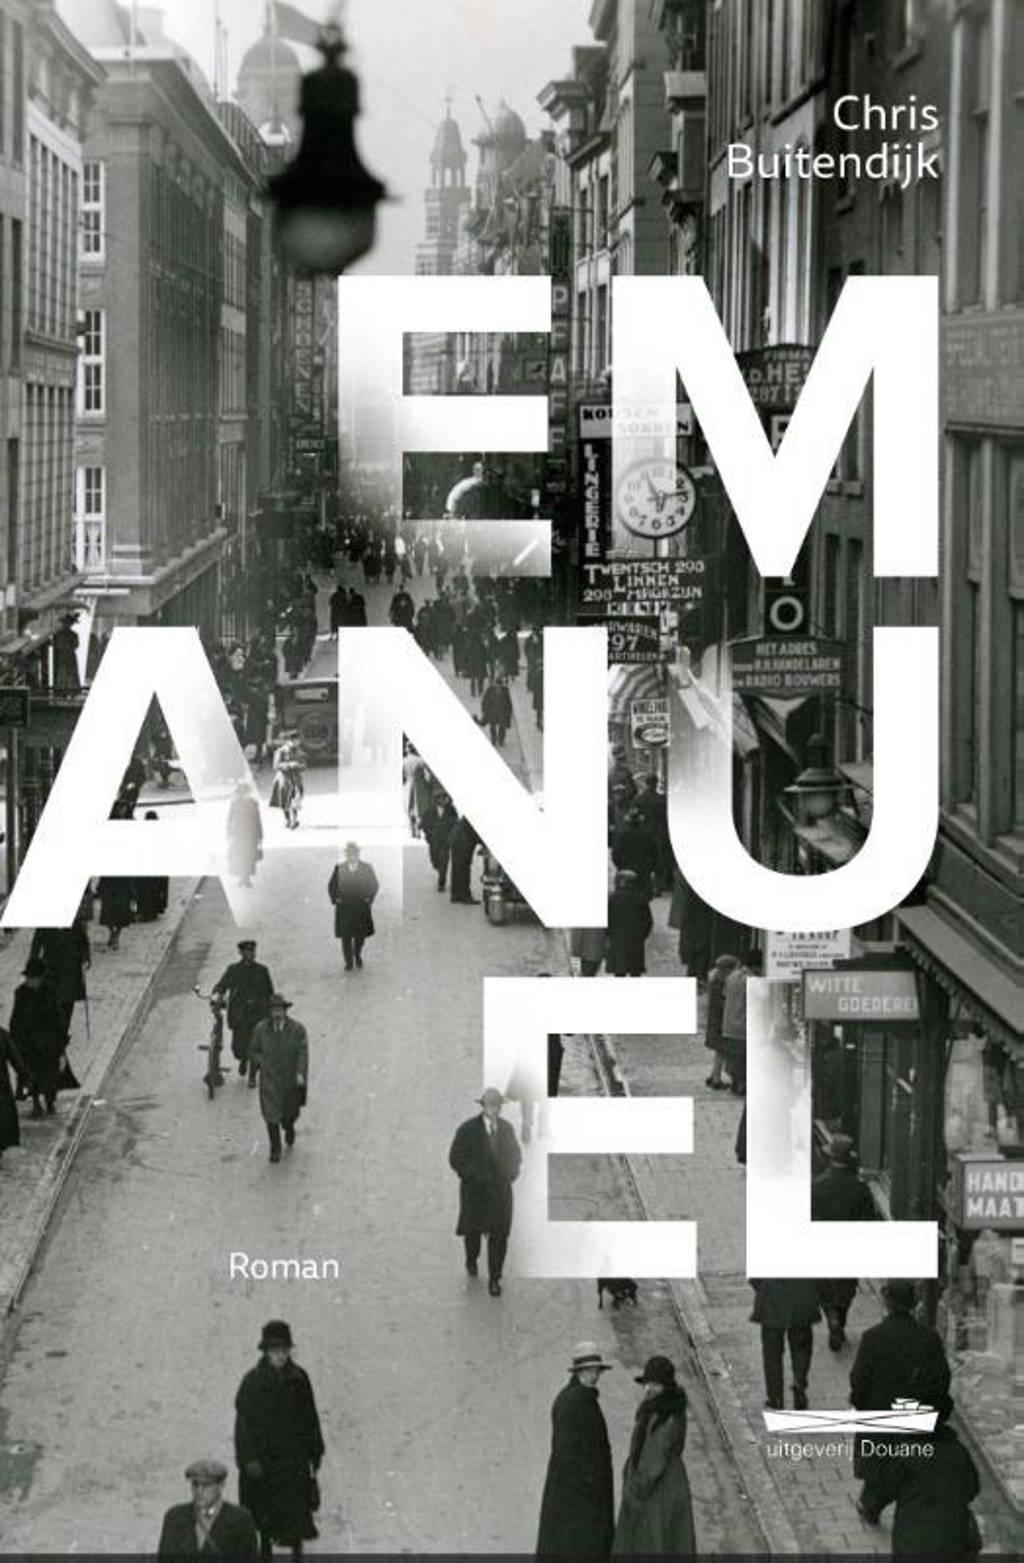 Emanuel - Chris Buitendijk